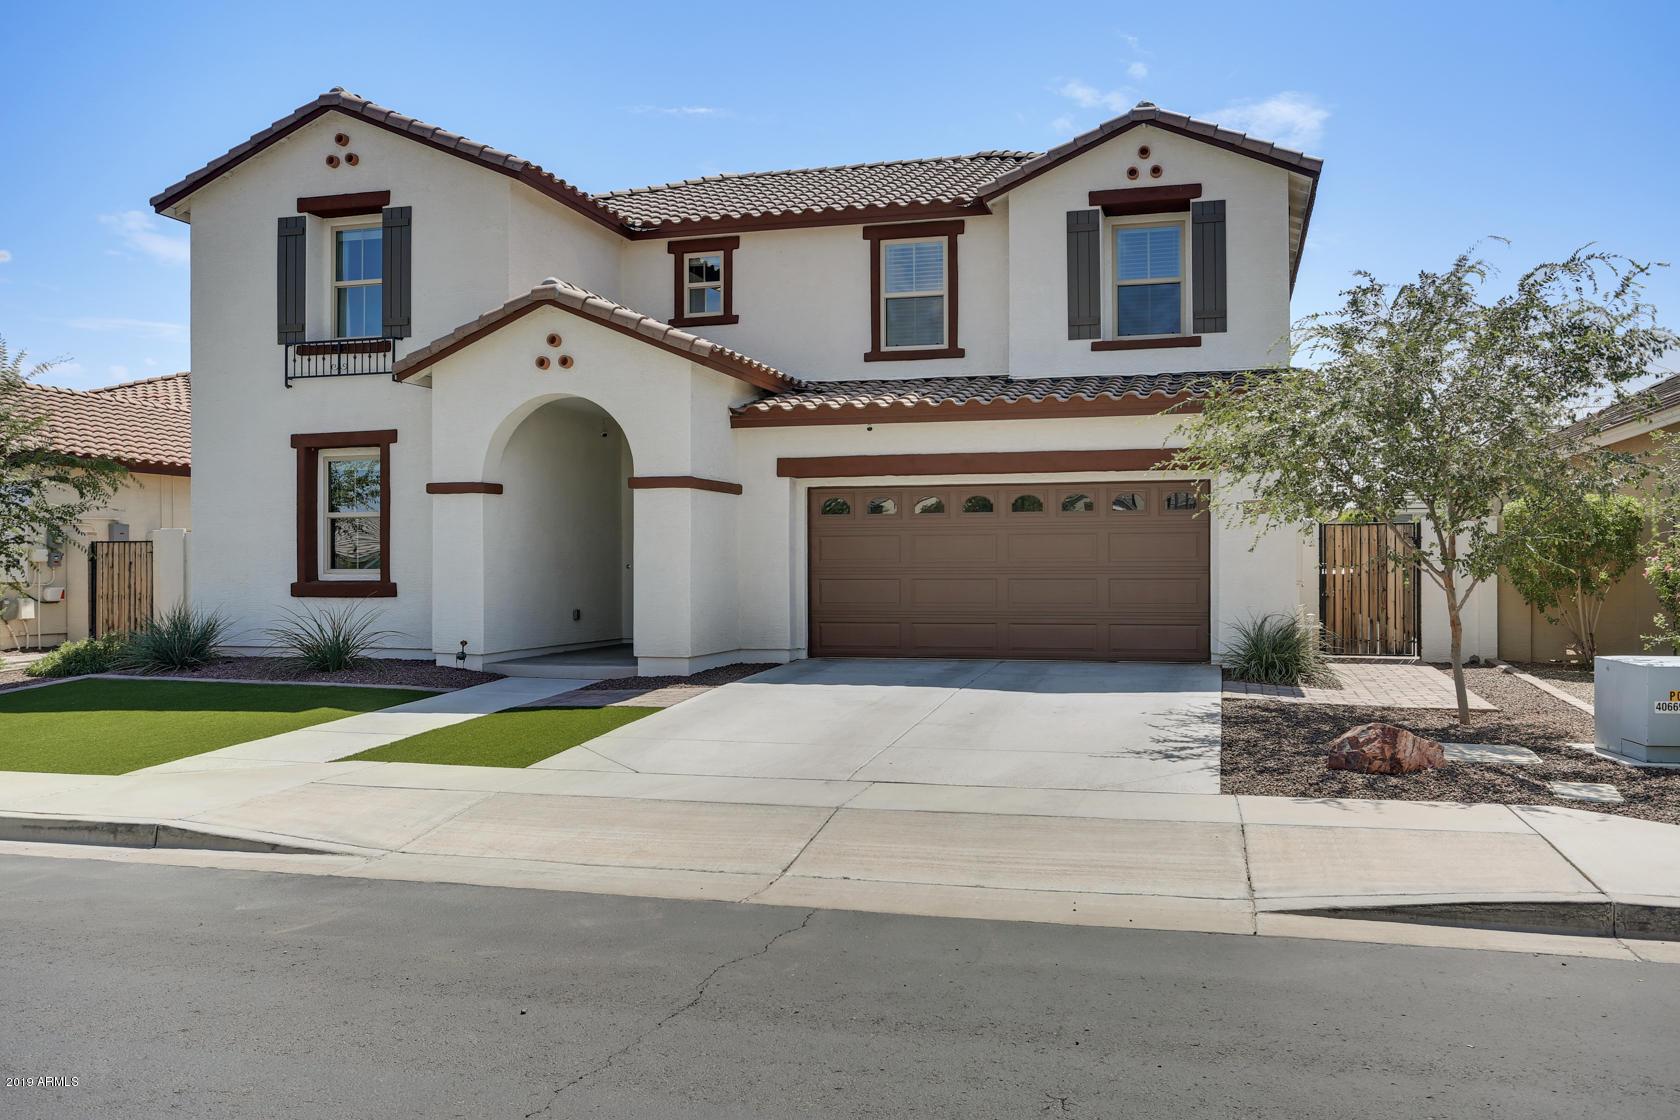 Photo of 2849 E QUENTON Street, Mesa, AZ 85213